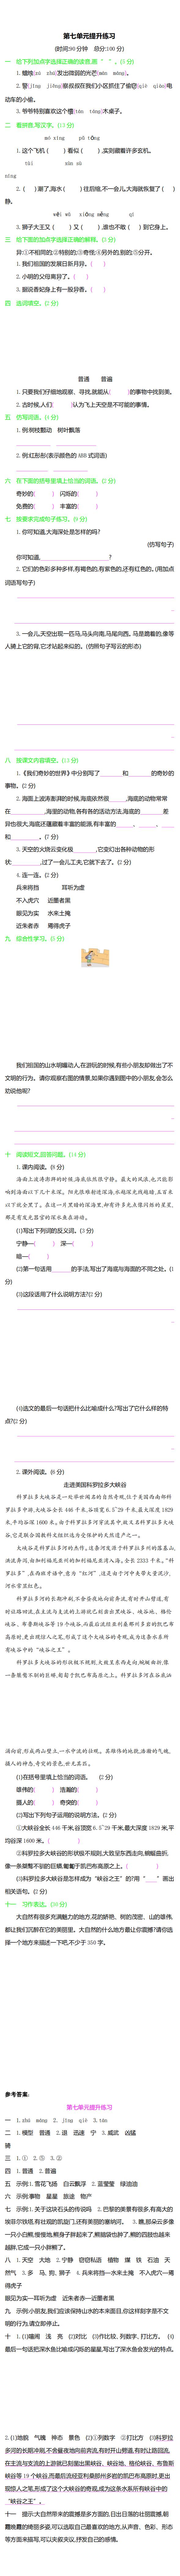 部编版语文三年级下册第七单元提升练习 (含答案)_0.png